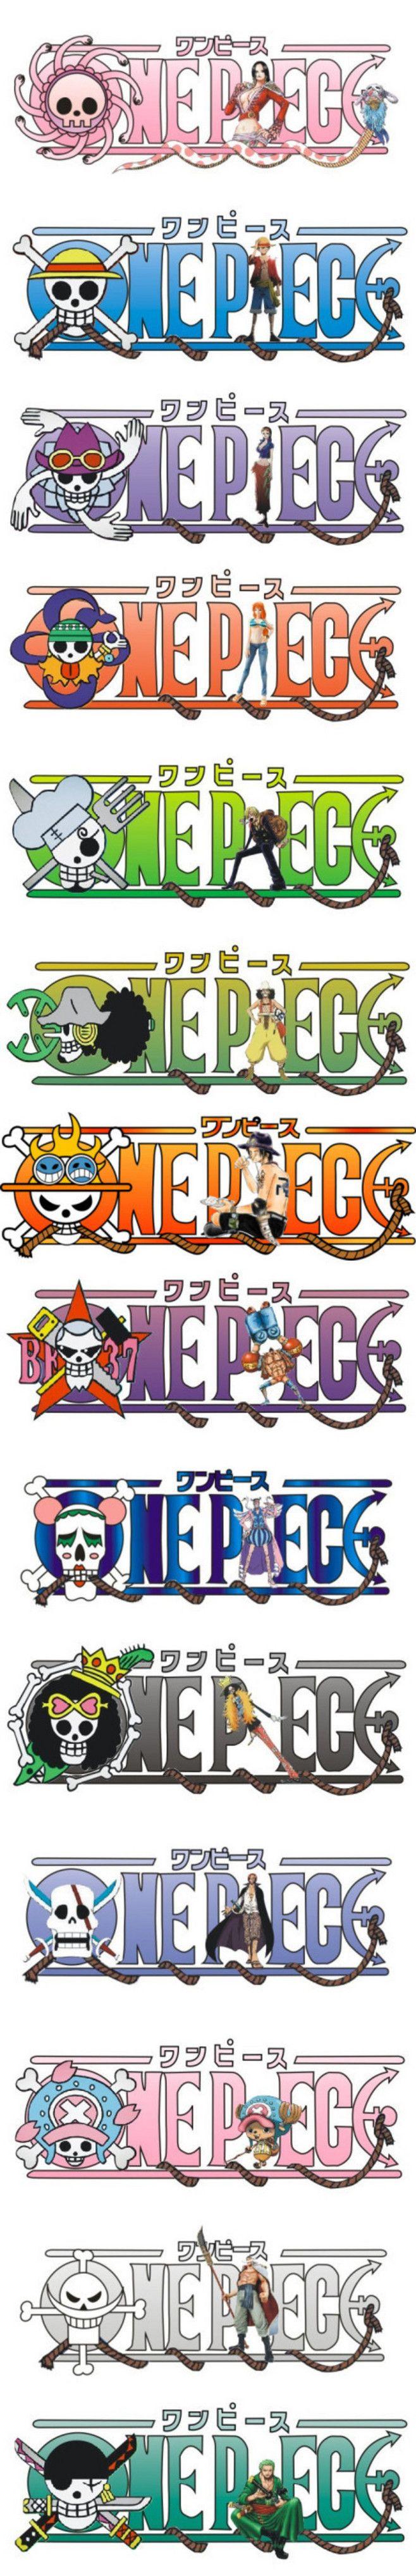 one piece logo